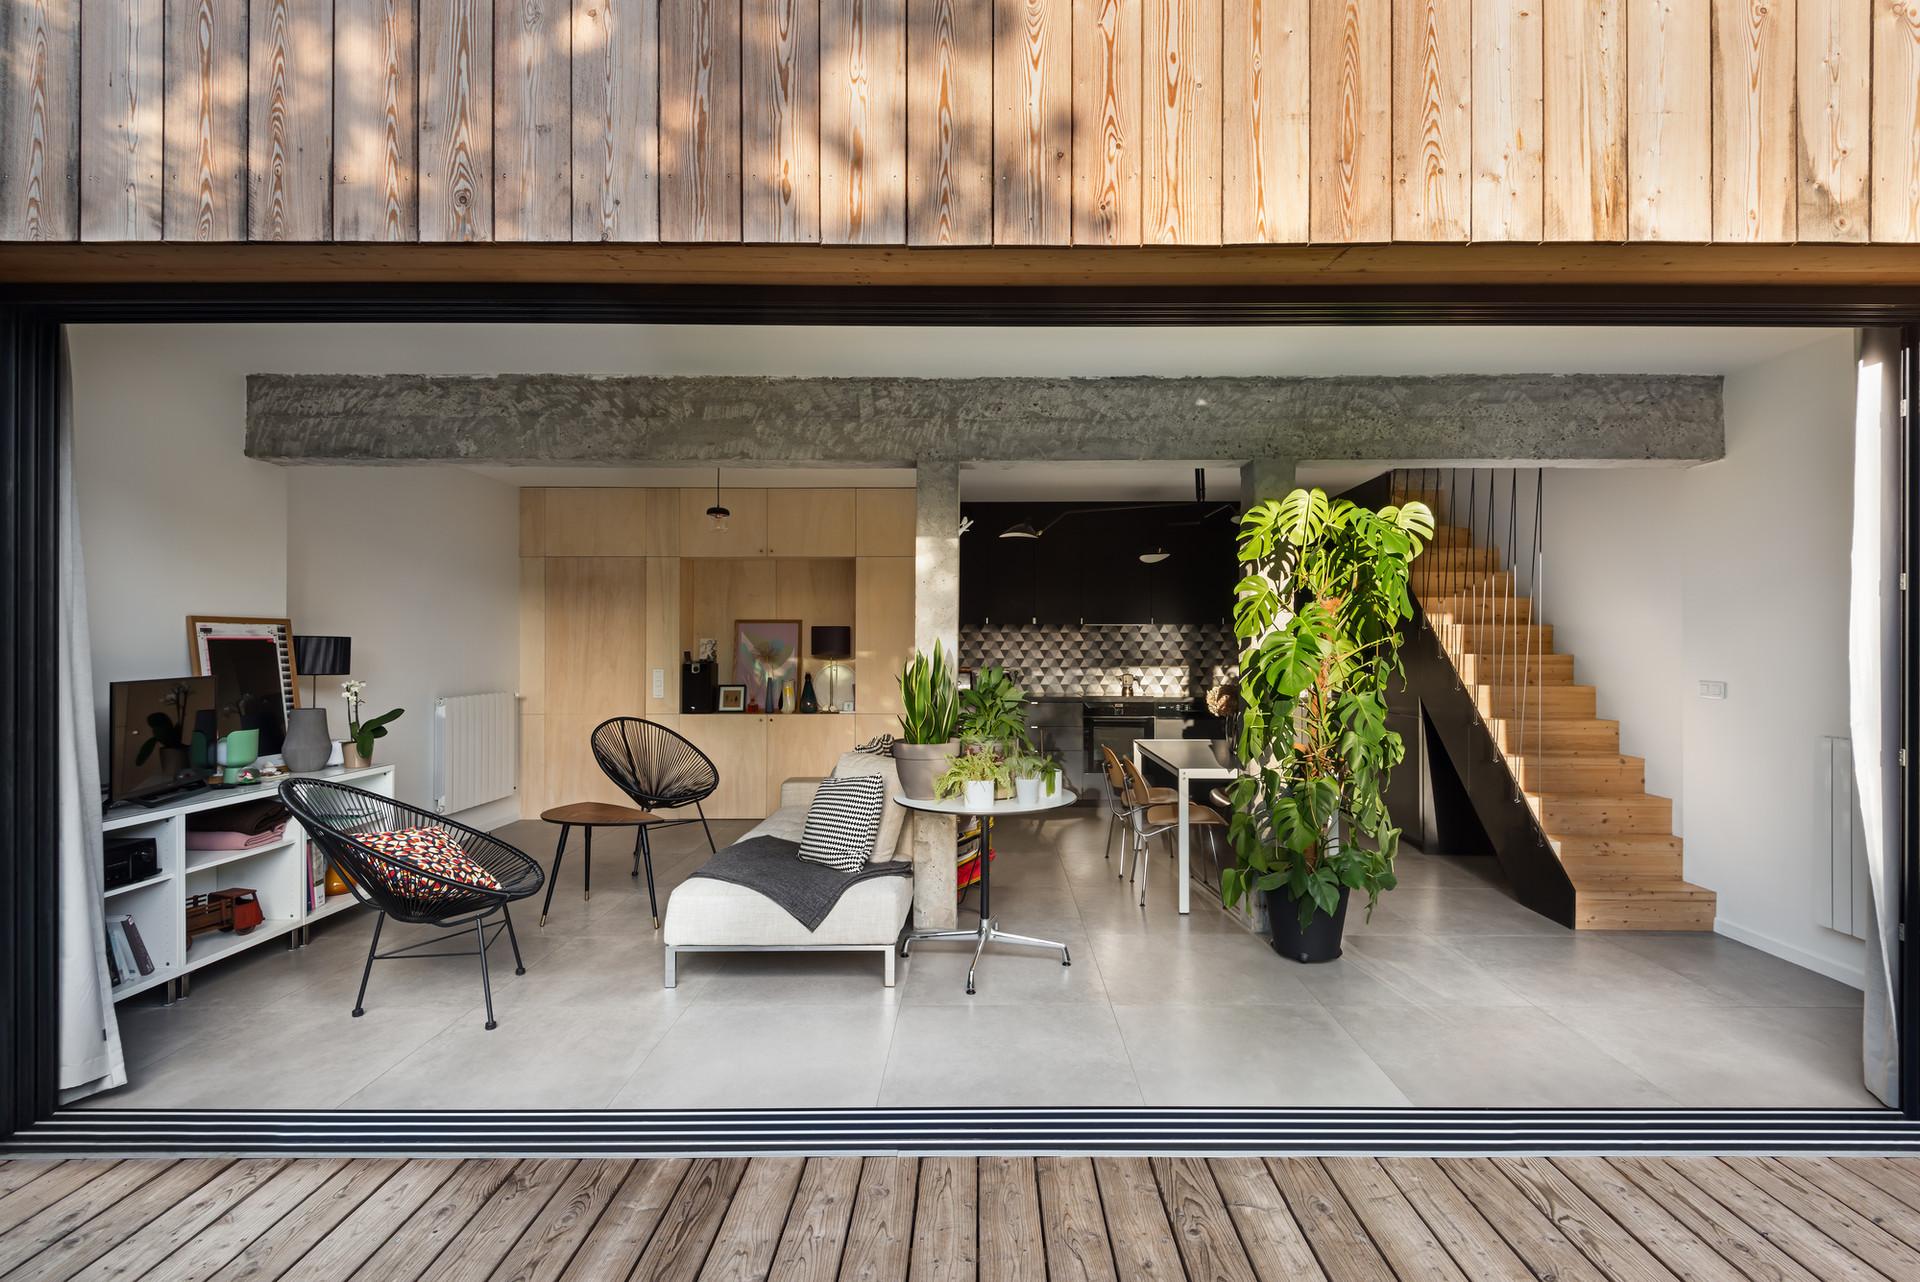 PNT - Projet extension bois baie vitrée